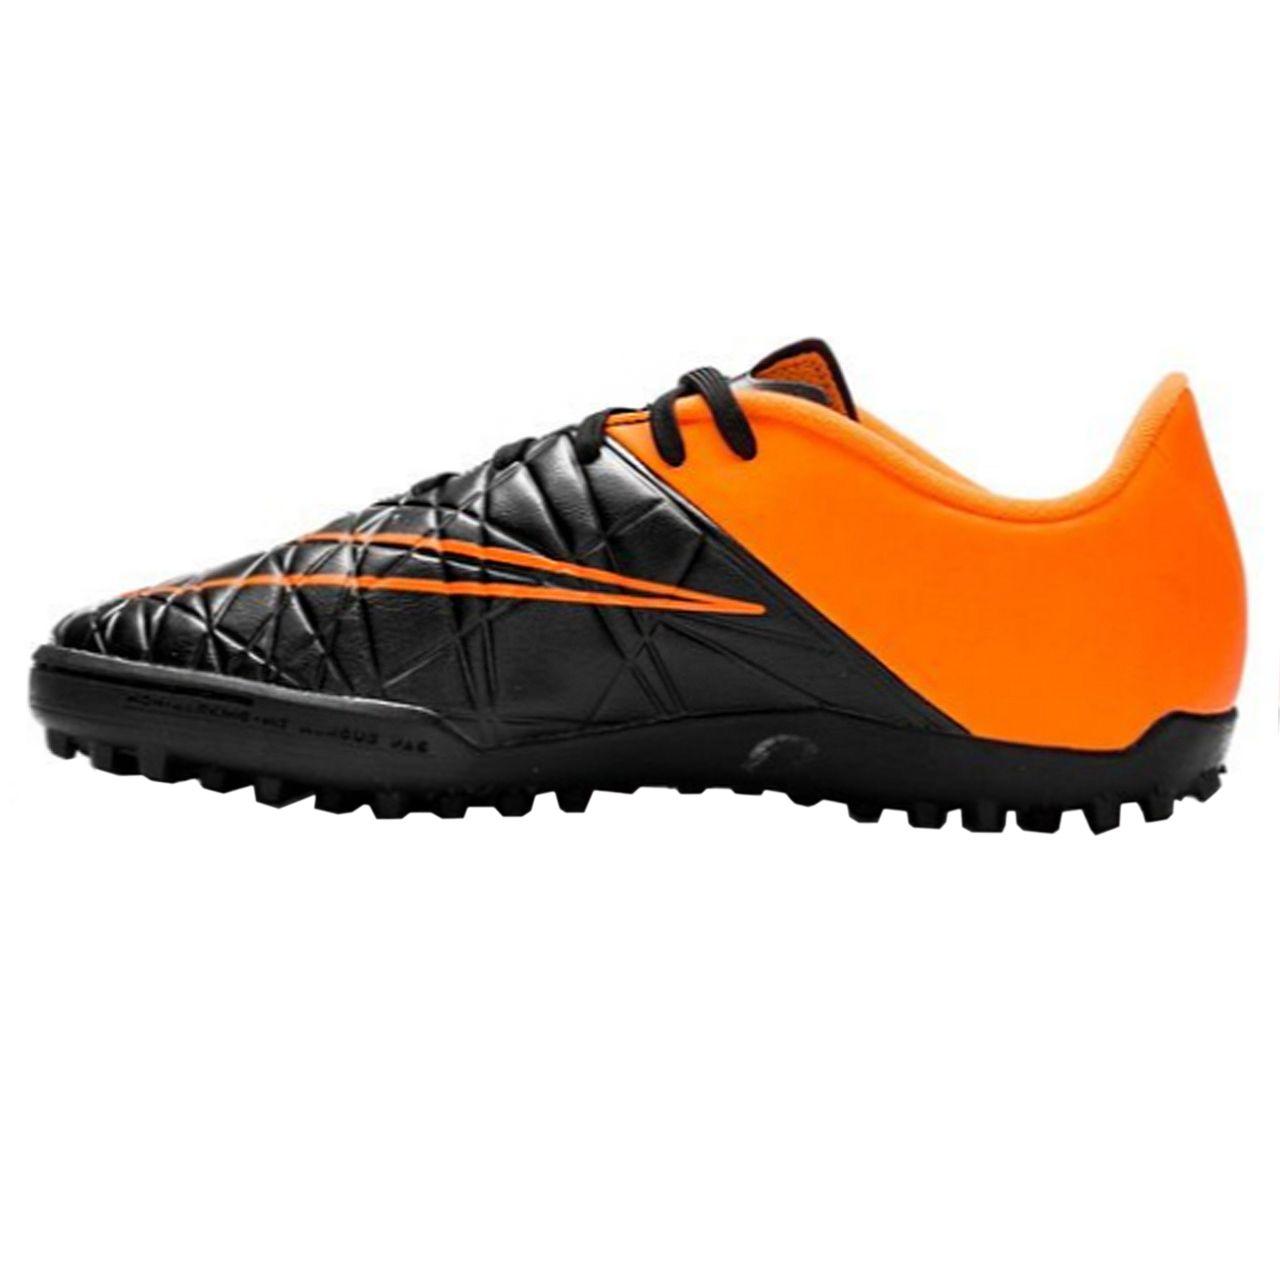 کفش فوتبال مردانه مدل Hypervenom Phelon II TF 807521-008                     غیر اصل